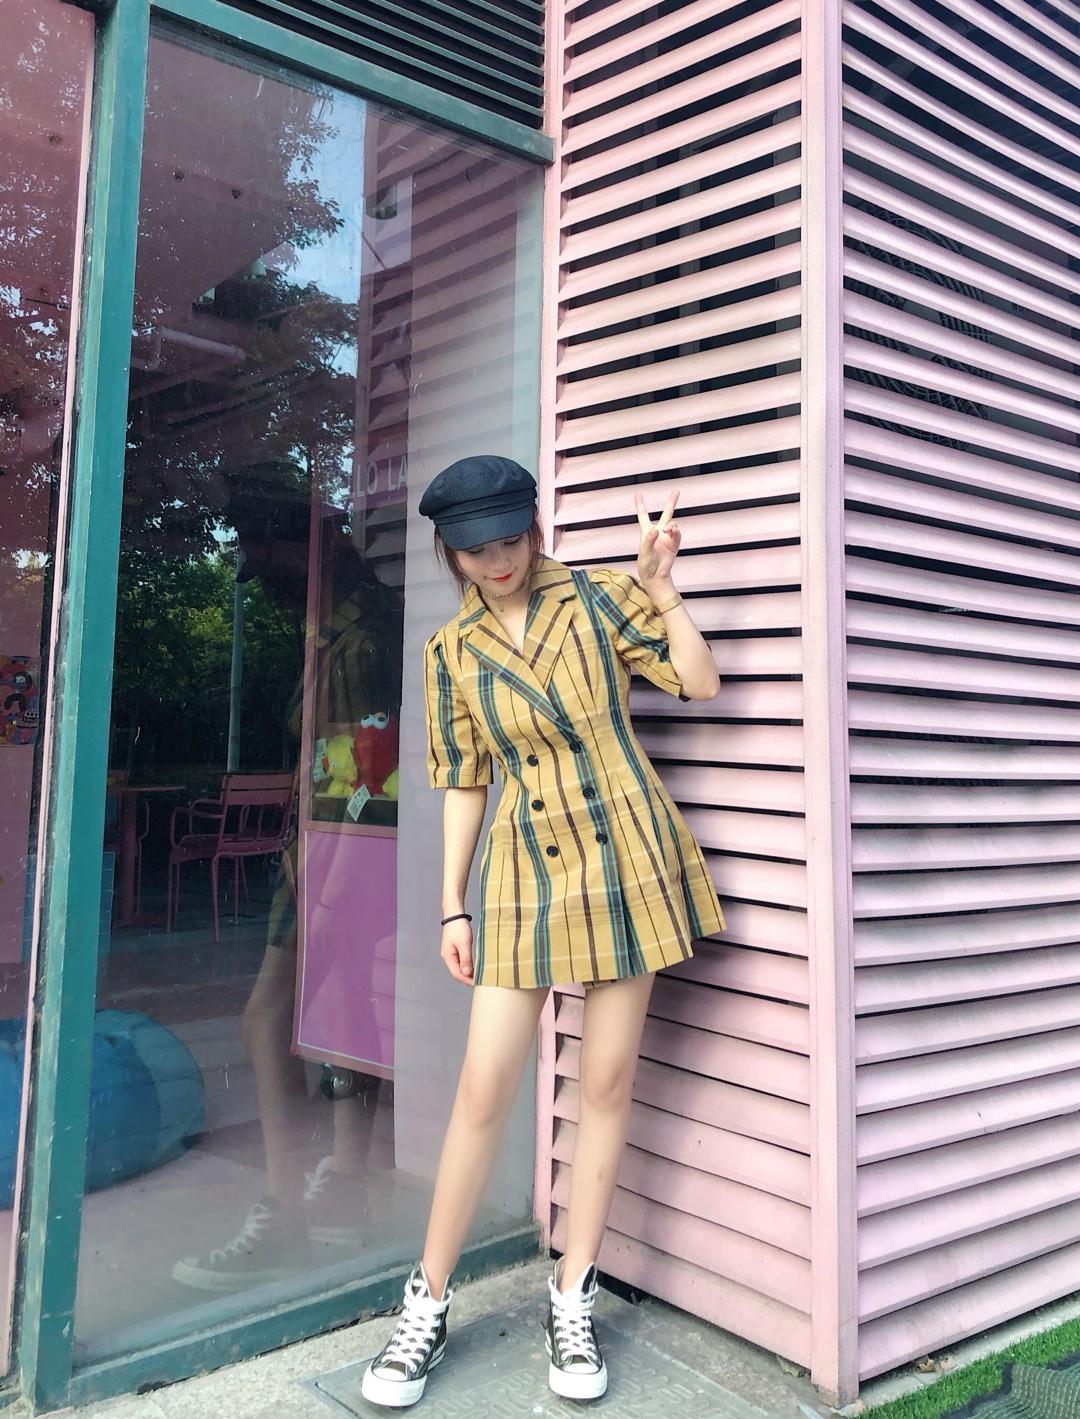 颜色超显白,这个格纹真的爱了,是我一见钟情的,黄皮妹子救星啊。上身很显瘦,有安全裤的设计,很贴心#夏装最后一波,我带你盘!#